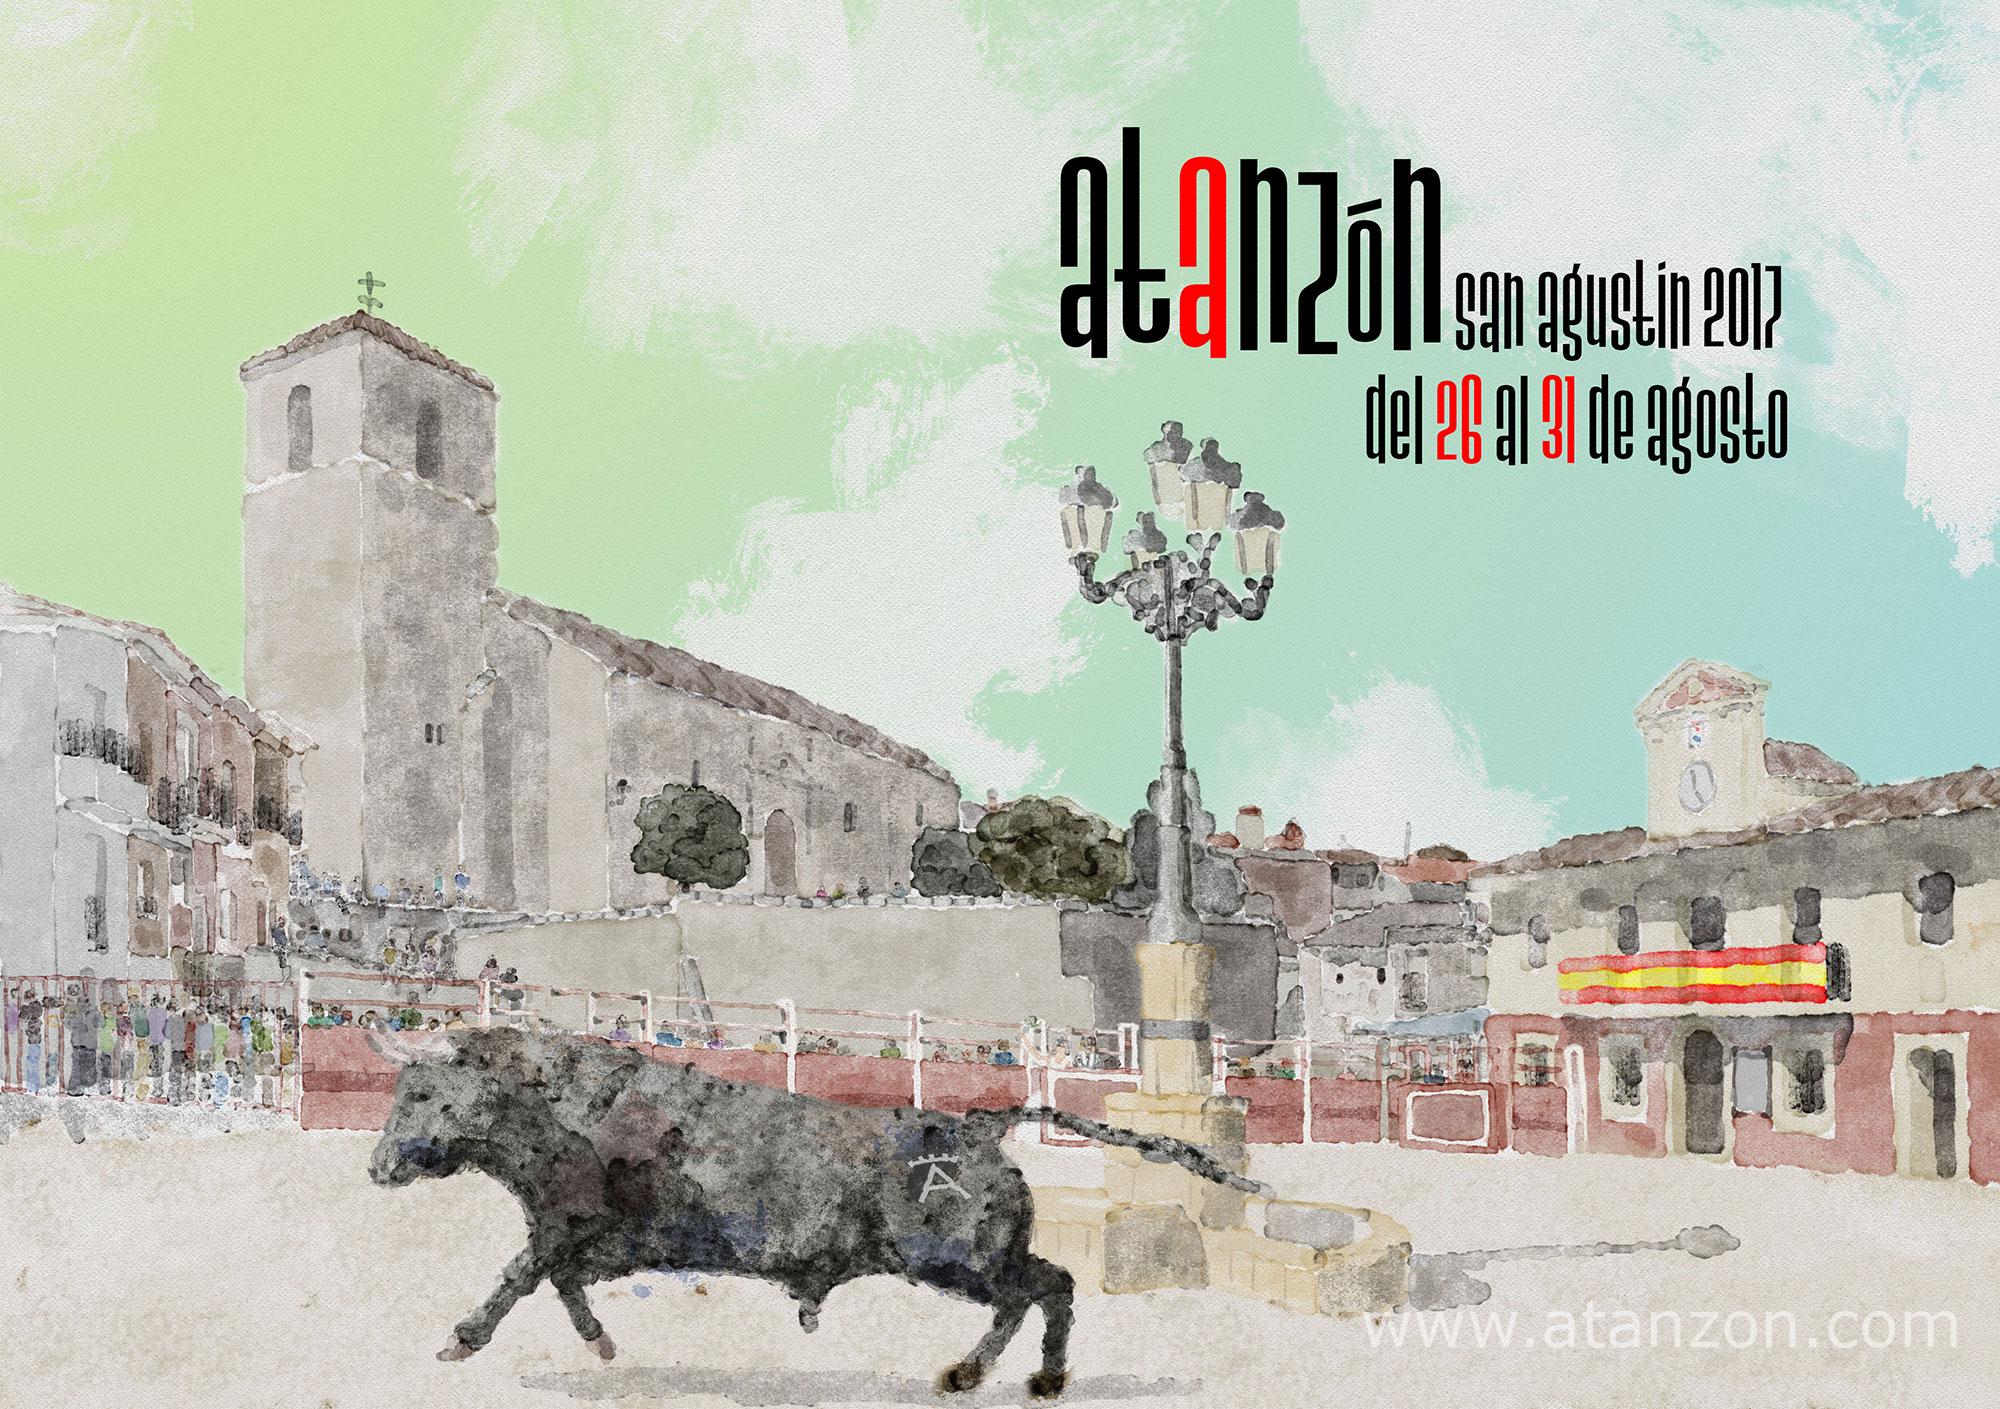 Cartel San Agustín 2017